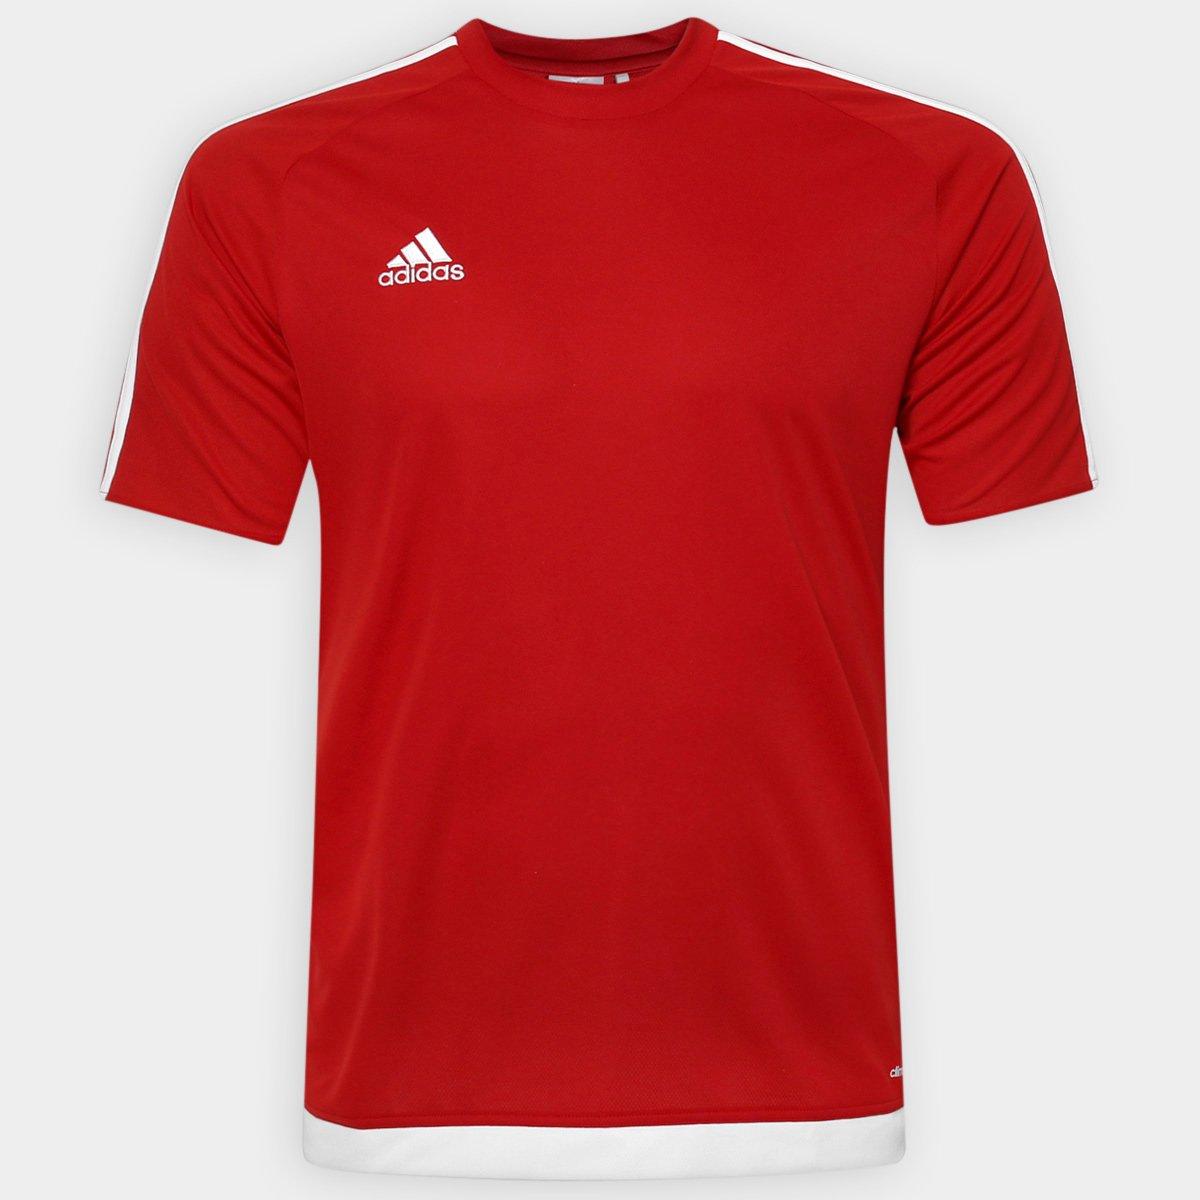 7027bc9142ef6 Camisa Adidas Estro 15 Masculina - Vermelho - Compre Agora